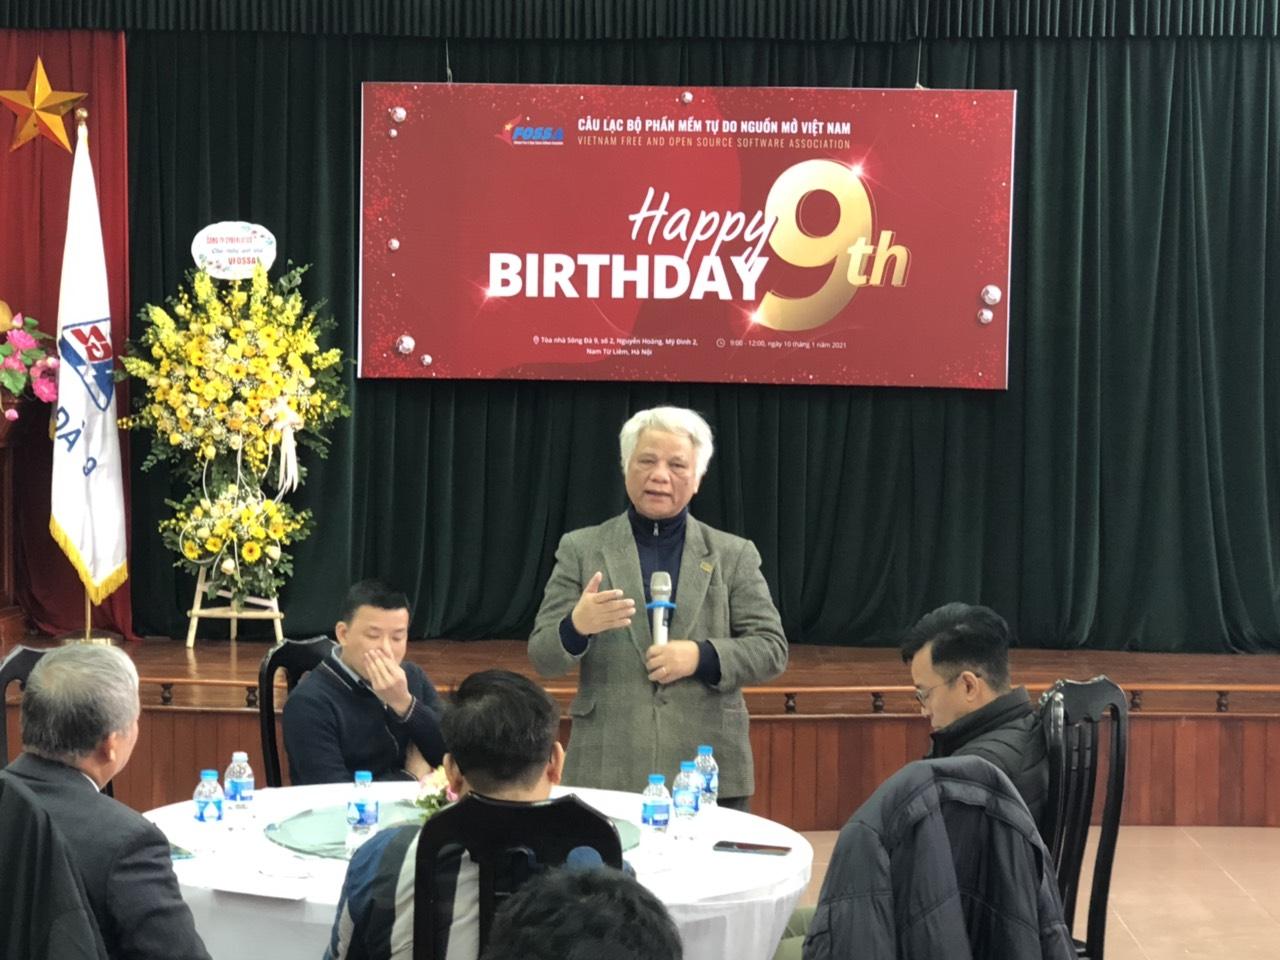 Ông Phùng Văn Ổn phát biểu tại sự kiện